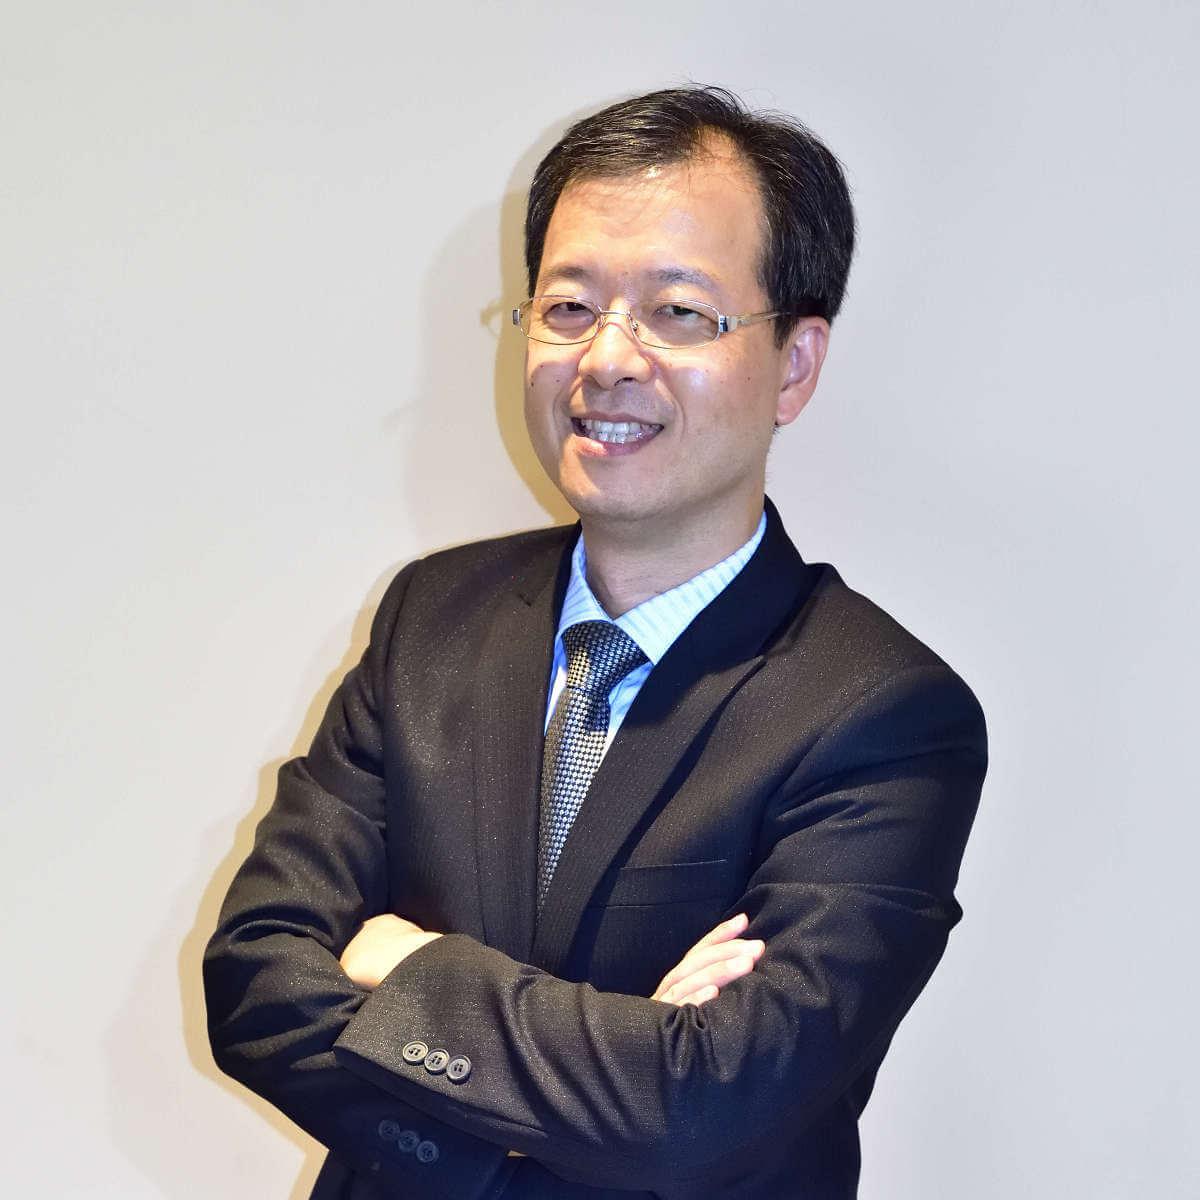 康士藤管理顧問公司副總經理/傳仕瑞顧問有限公司執行長